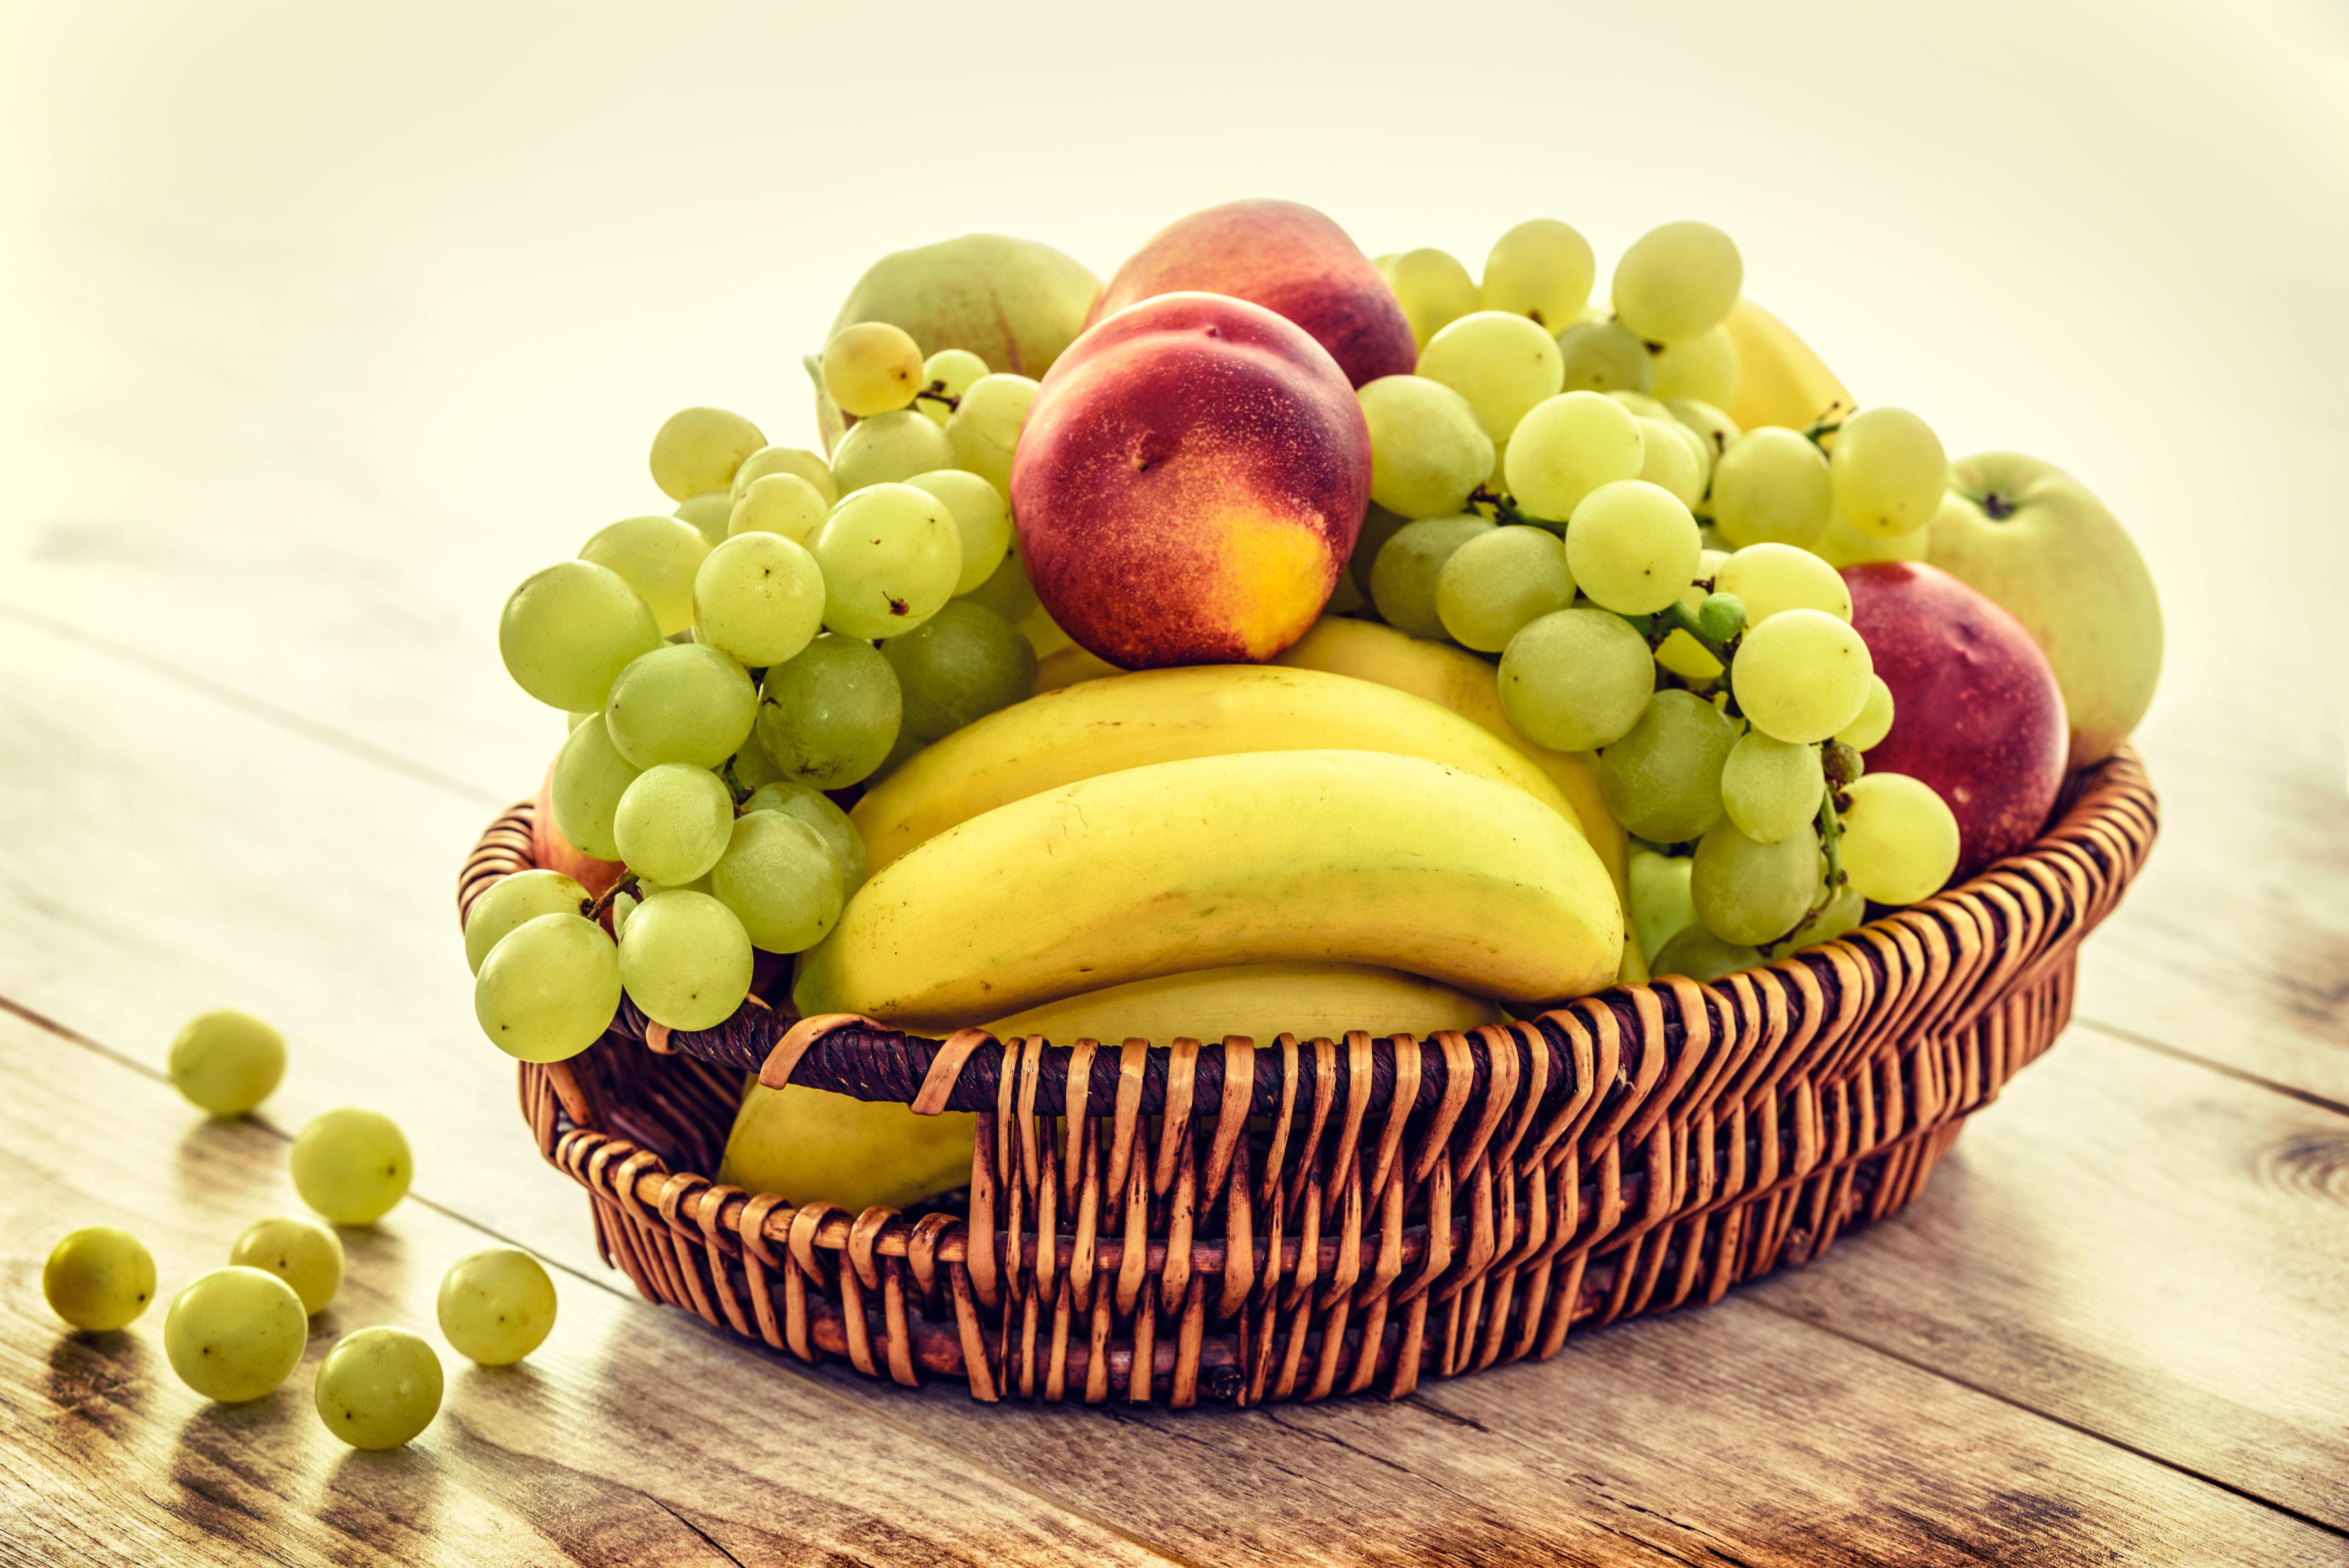 Fruits Roomsoom